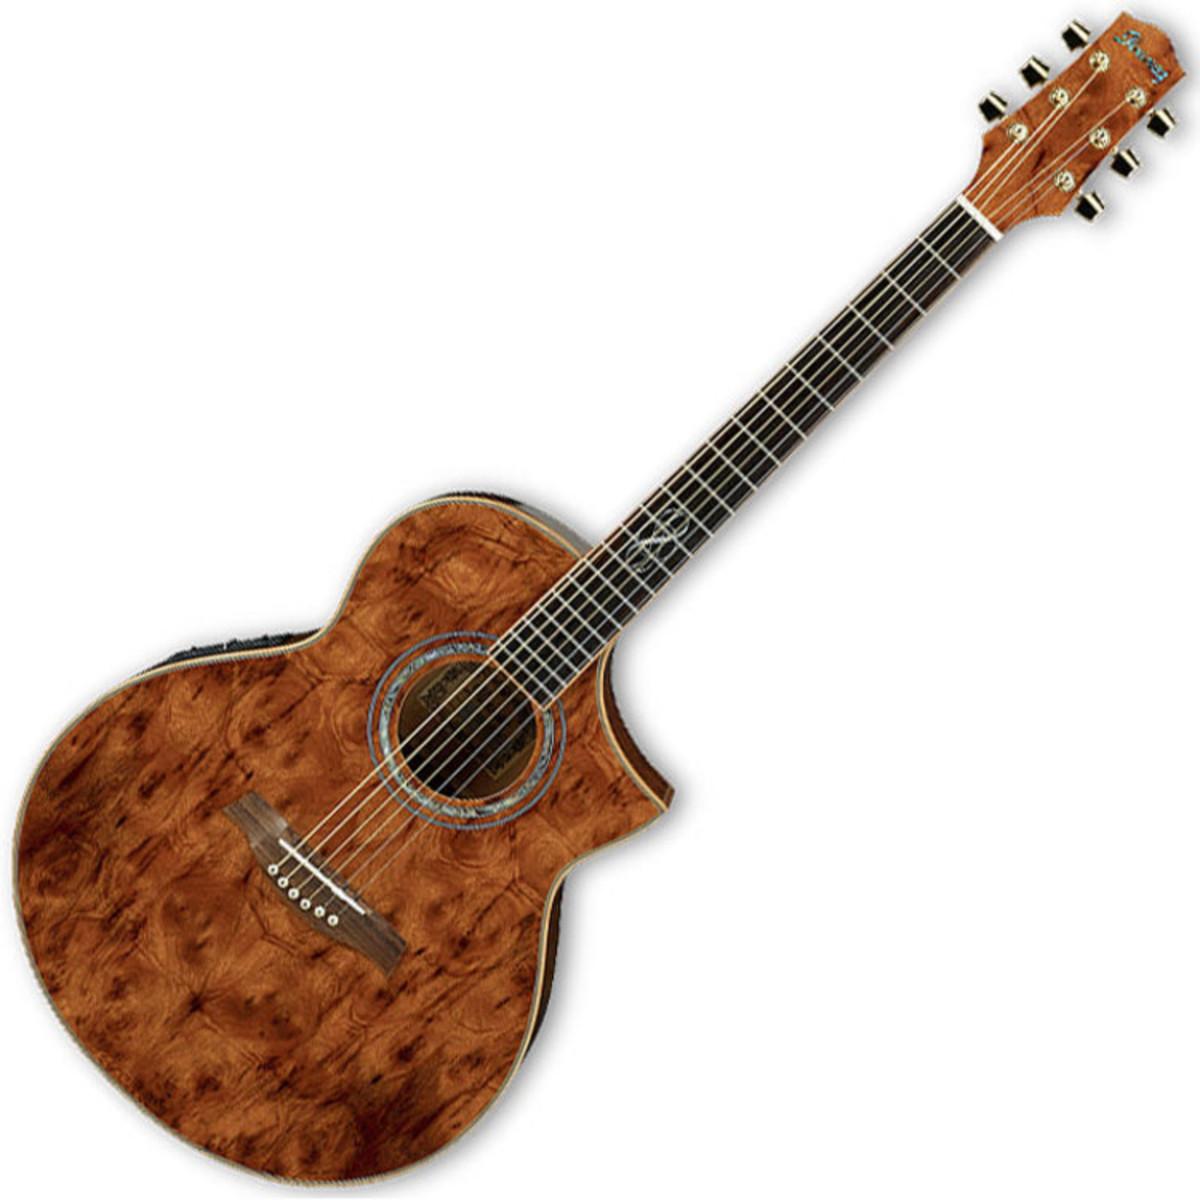 ibanez ew35cpe guitare electro acoustique haut de camphre nat finish. Black Bedroom Furniture Sets. Home Design Ideas